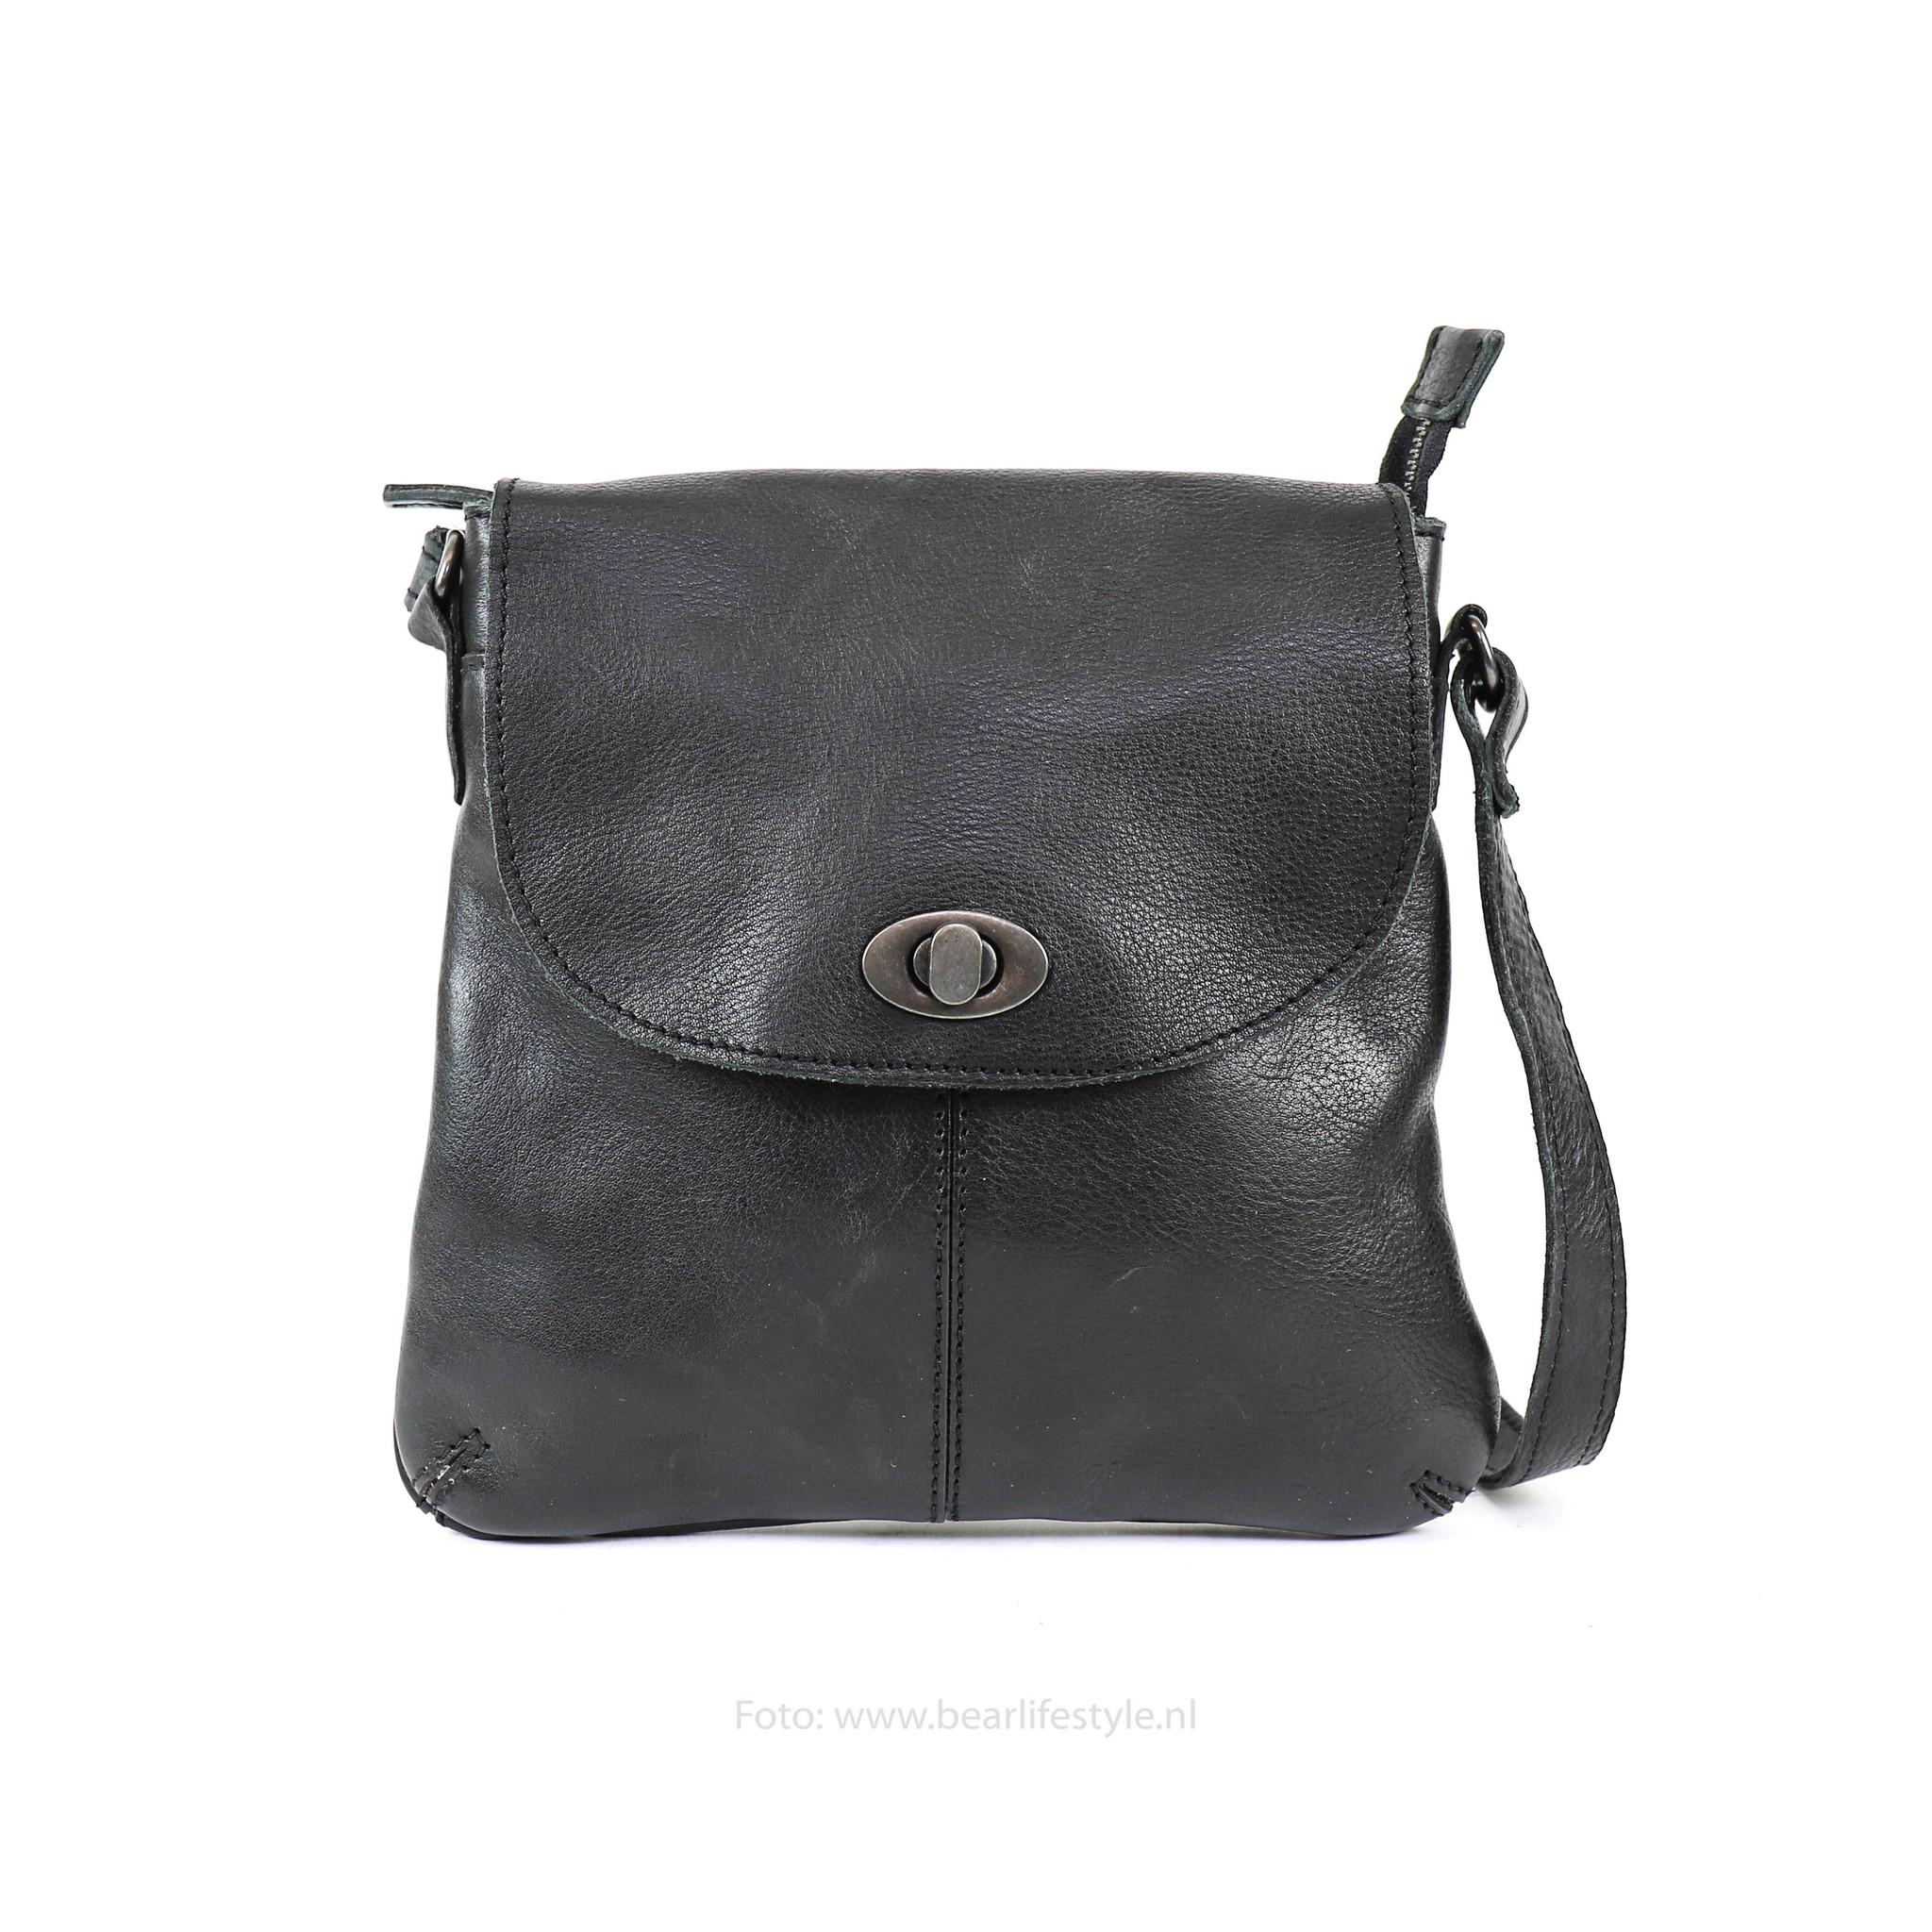 neuartiger Stil gut aus x einzigartiger Stil Bear Design Kleine Tasche 'Marilyn' CP 1686 Schwartz